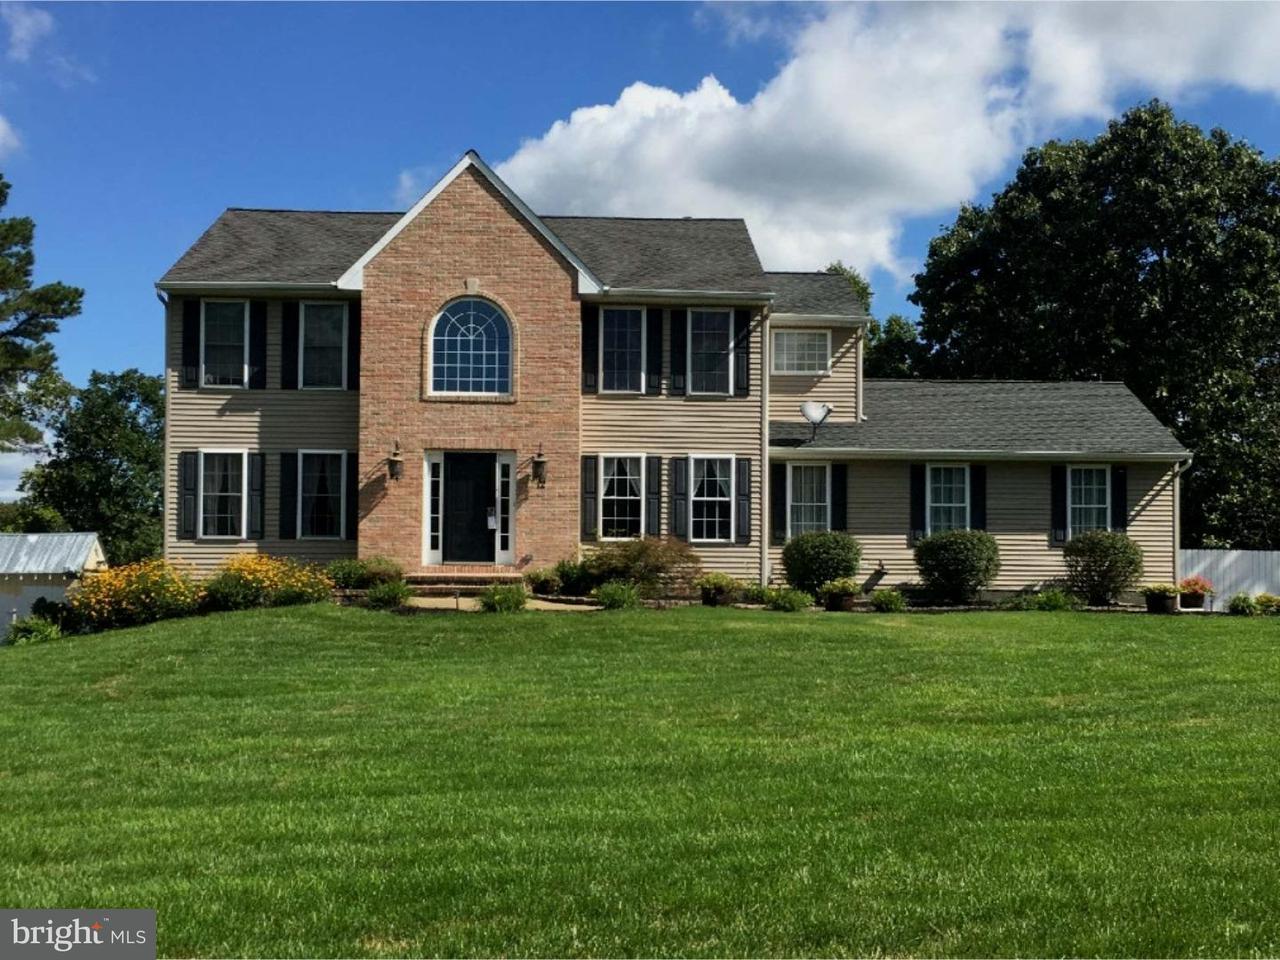 Nhà ở một gia đình vì Bán tại 12 LOCUST HILL Court Alloway, New Jersey 08302 Hoa Kỳ